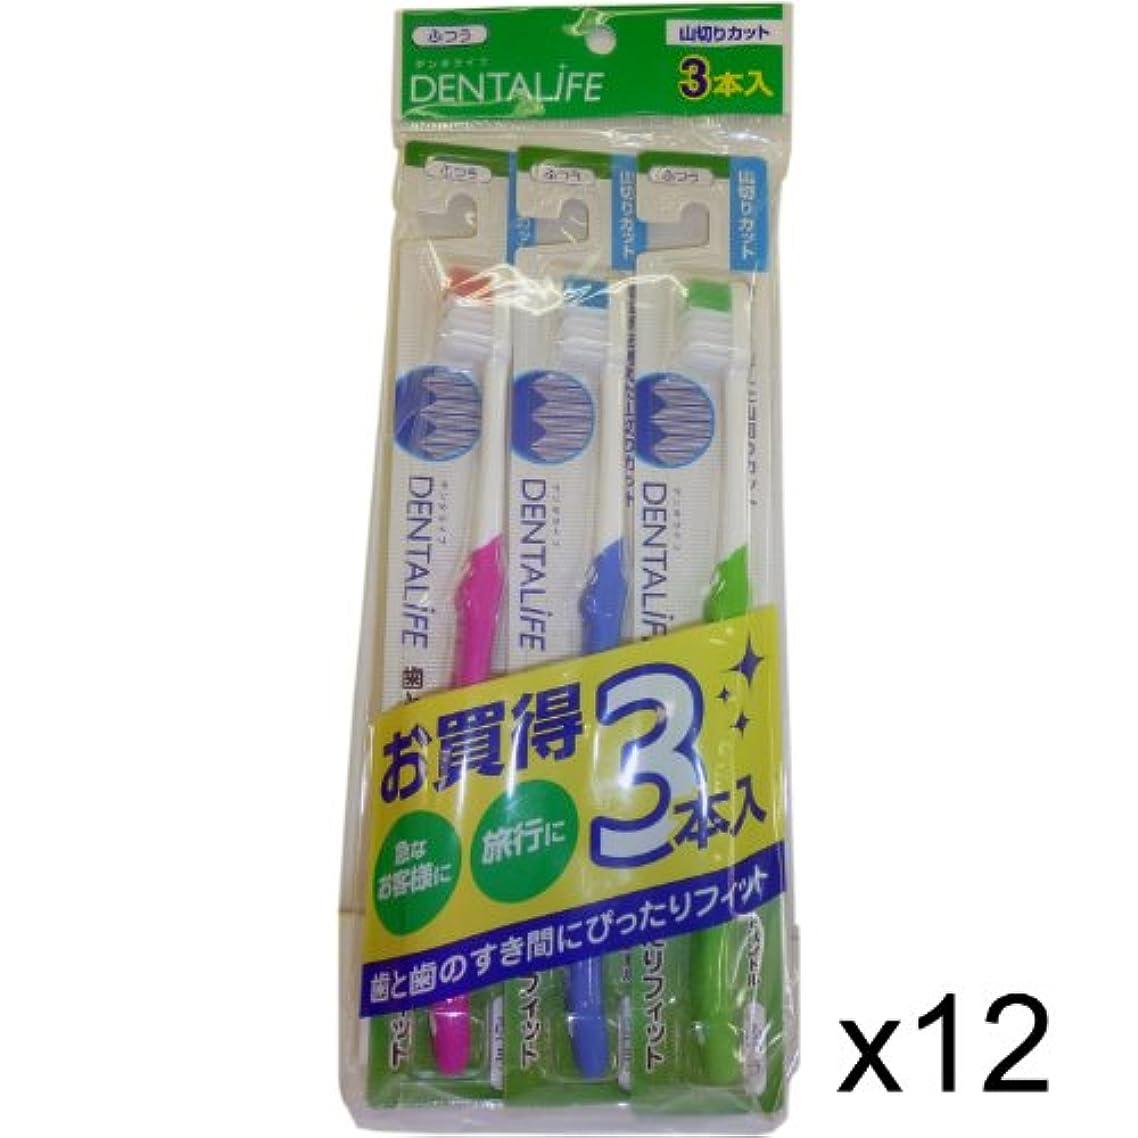 ベイビー資源涙が出るお徳用 DELTALIFE(デンタライフ)山切り歯ブラシ ふつう 3P×12ヶセット(36本)